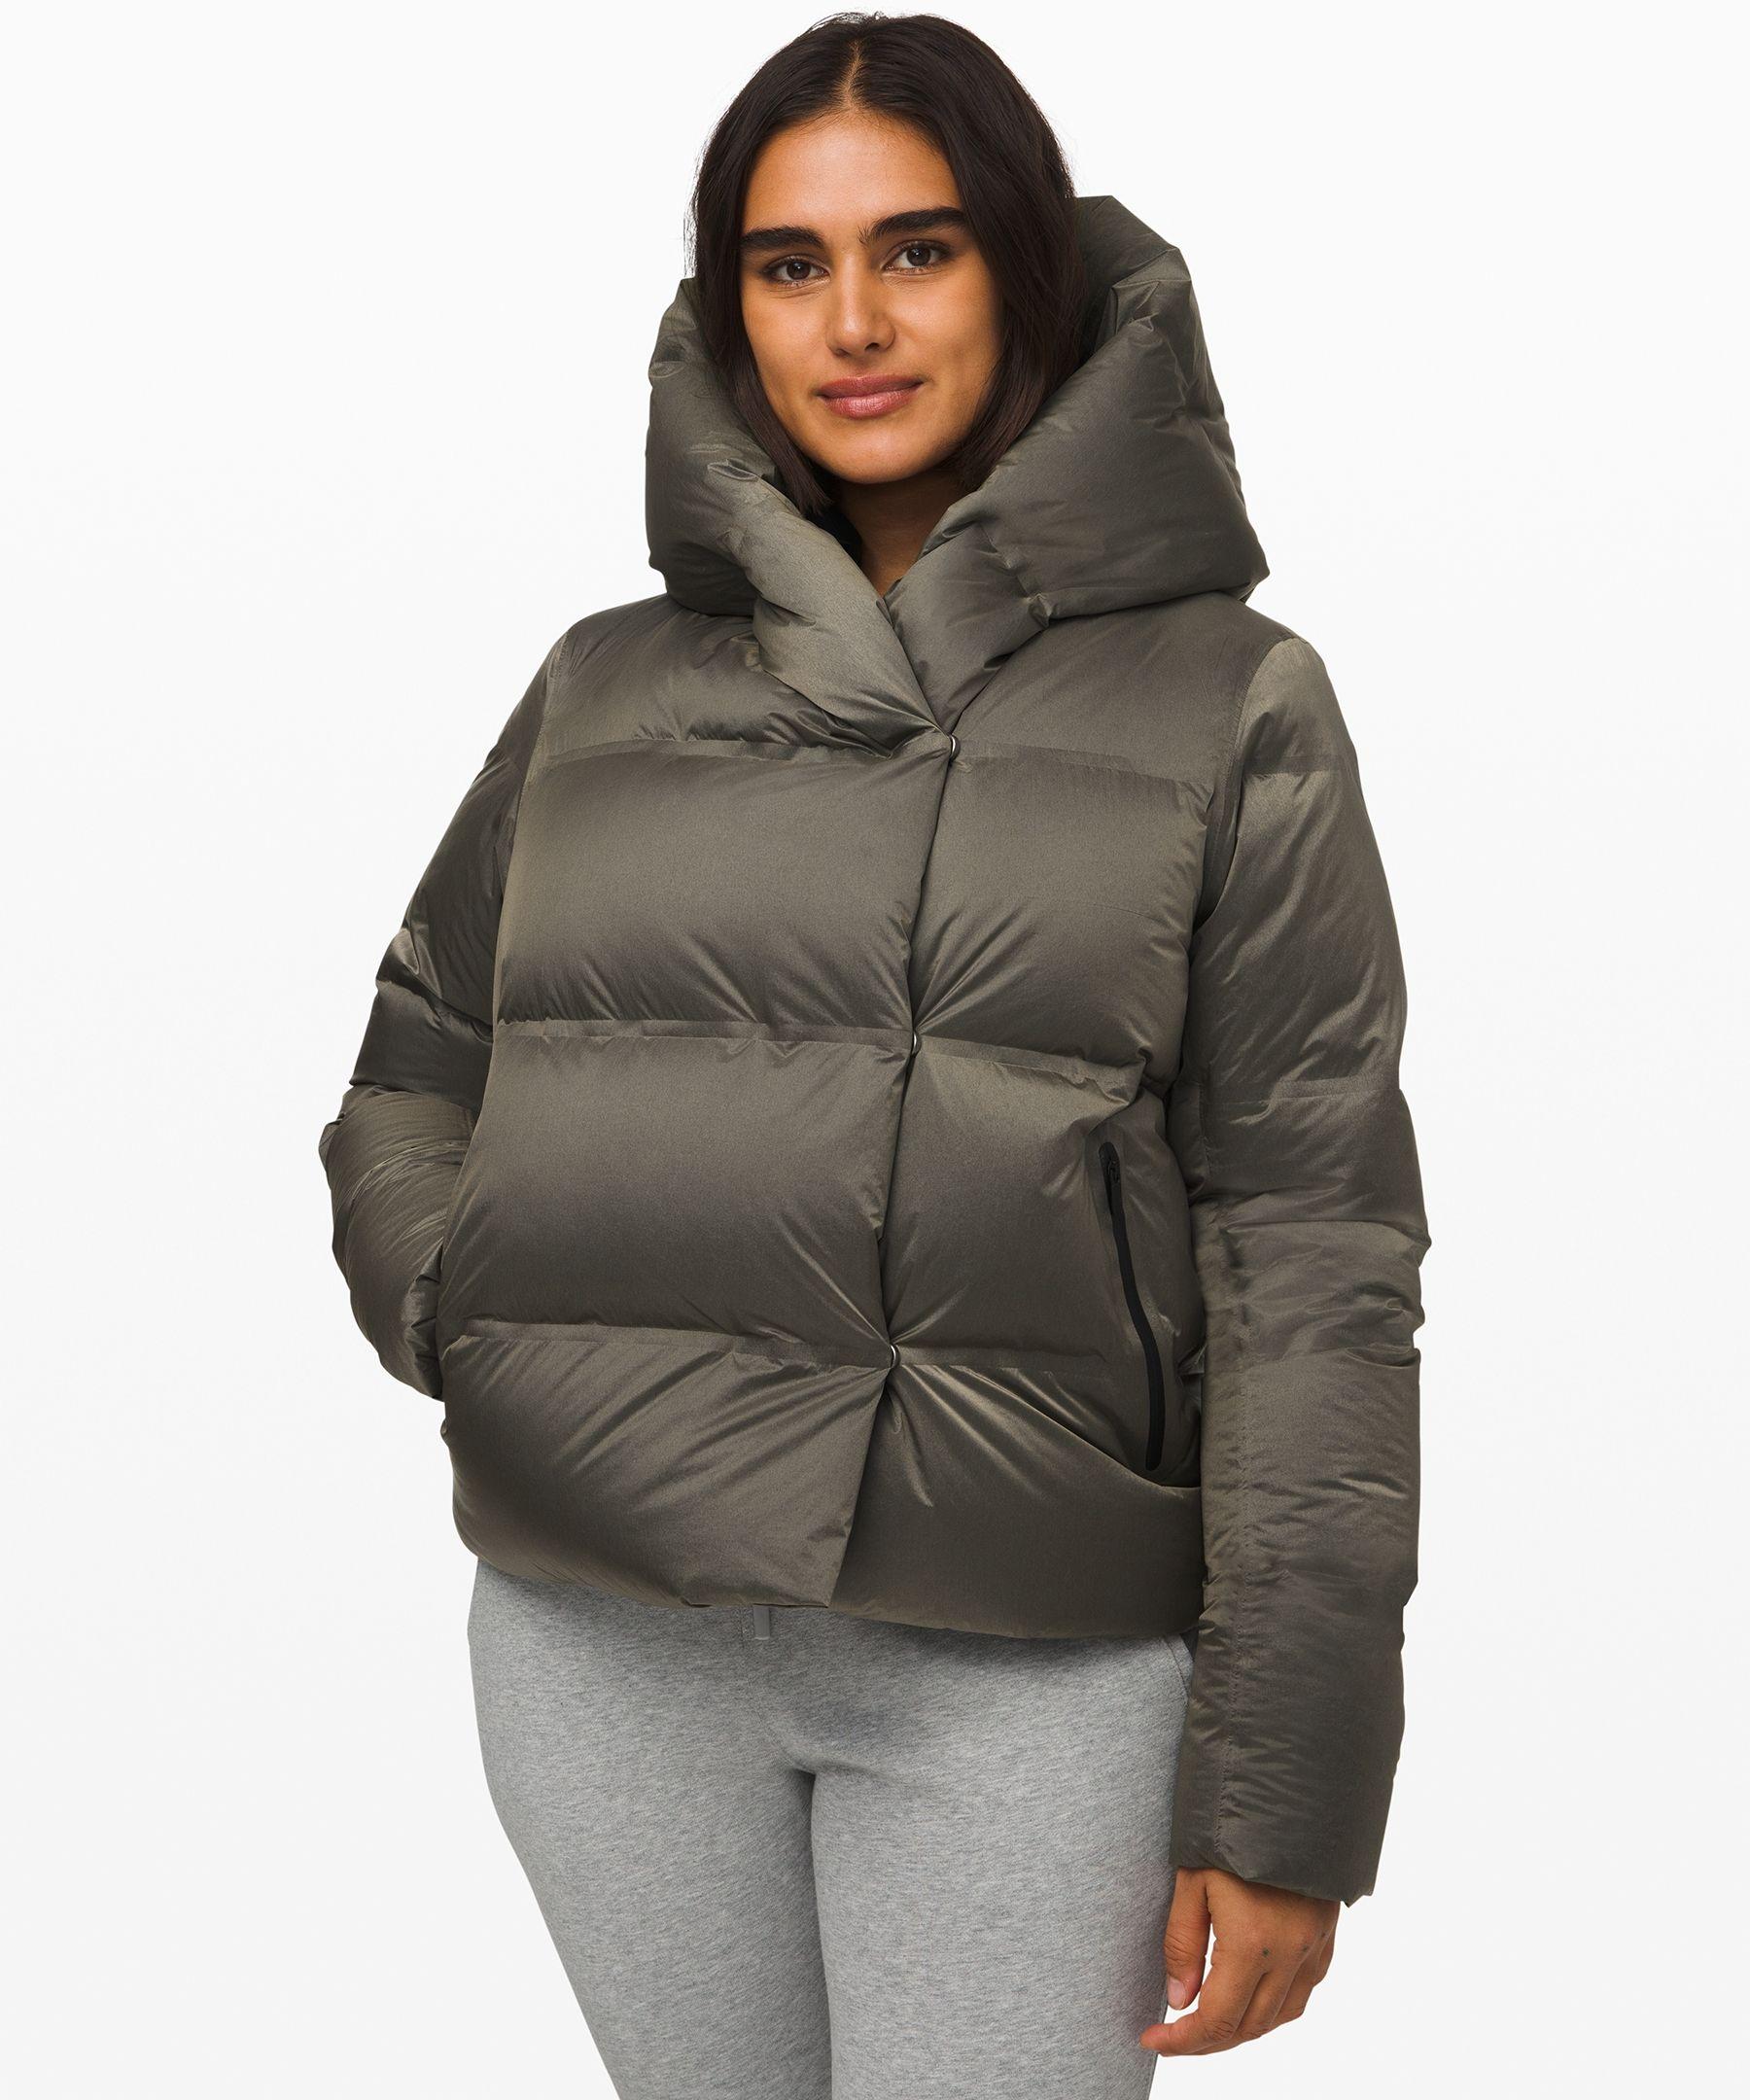 Lululemon Women S Cloudscape Wrap Short Vintage Taupe Size 10 Wrap Shorts Jackets Coats Jackets Women [ 2160 x 1800 Pixel ]